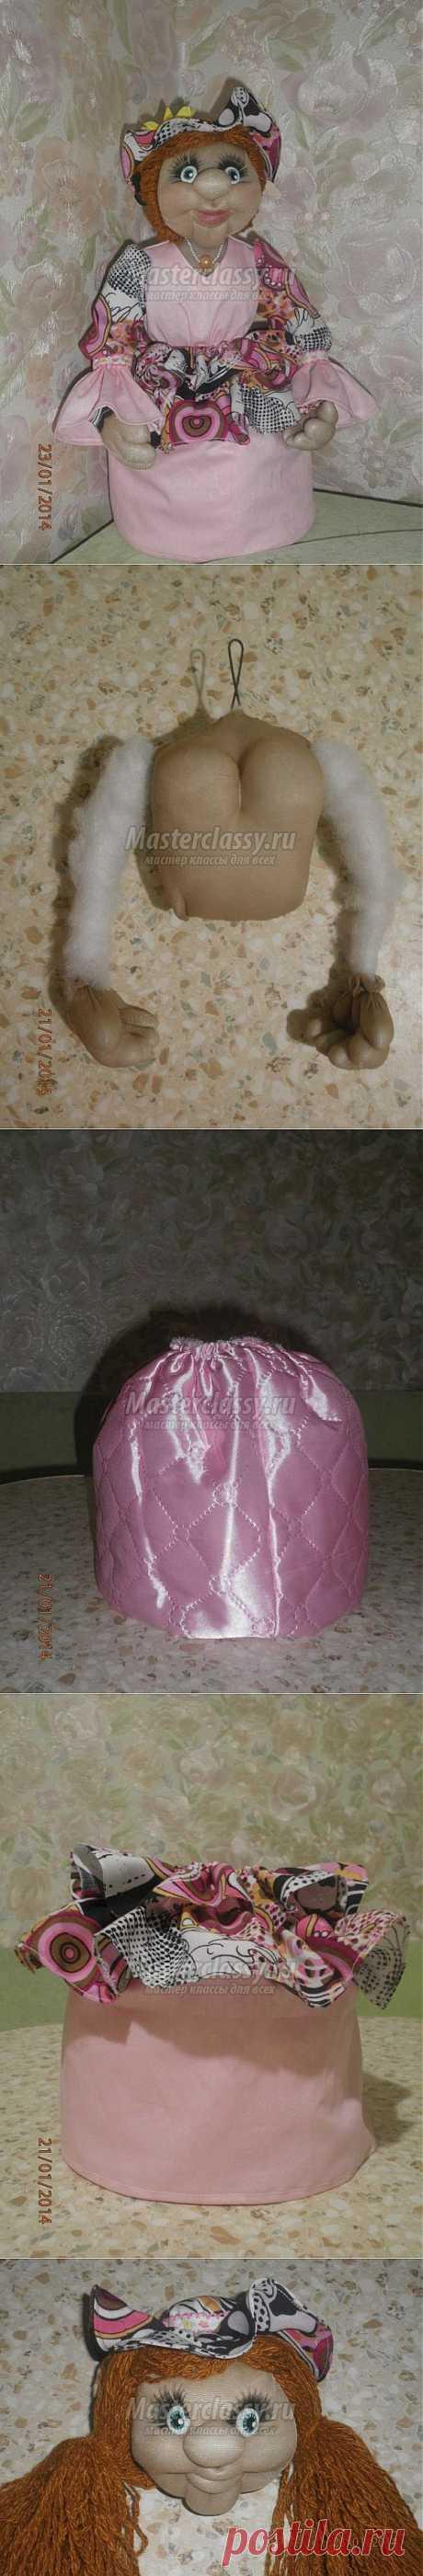 Текстильная кукла из капрона. Грелка на чайник. Мастер-класс с пошаговыми фото